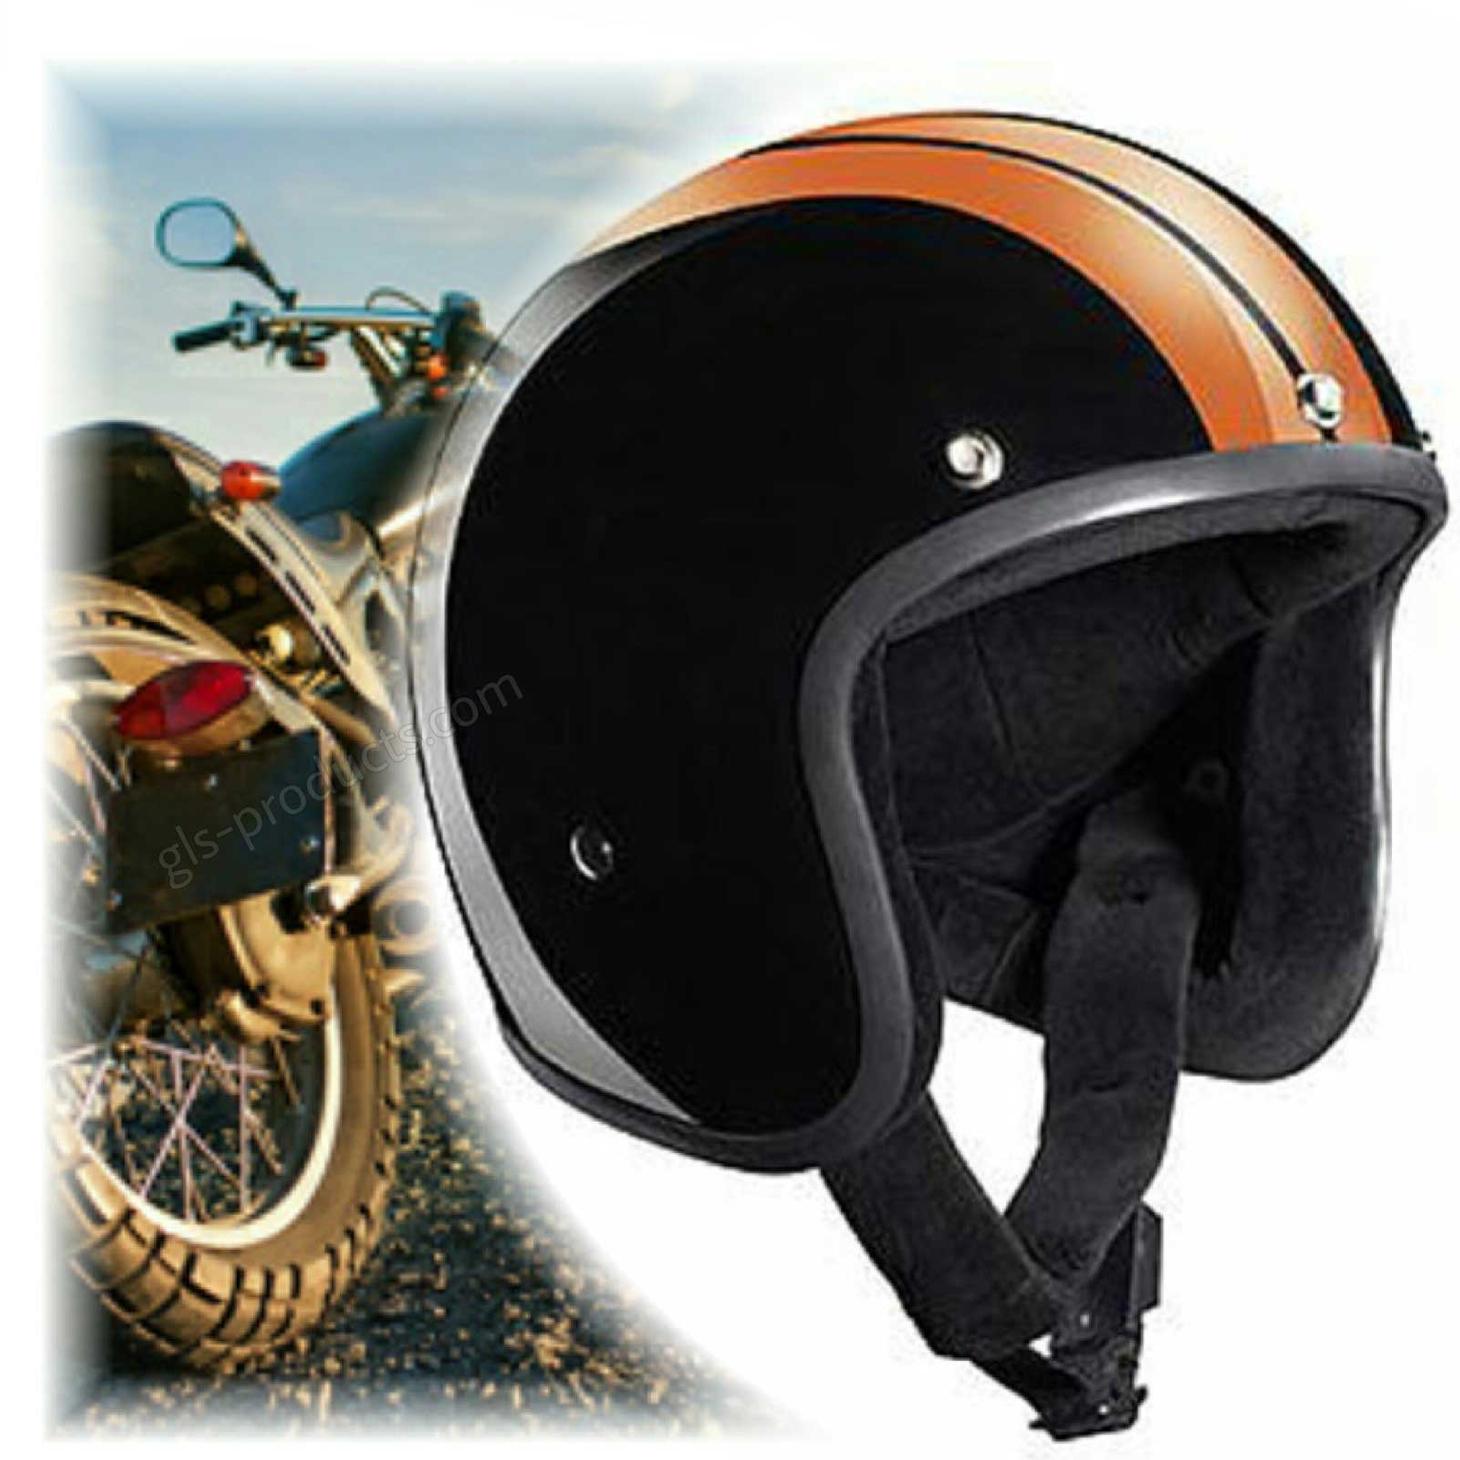 Bandit Race Jet Helmet - Classic Motorcycle Helmet – Picture 1